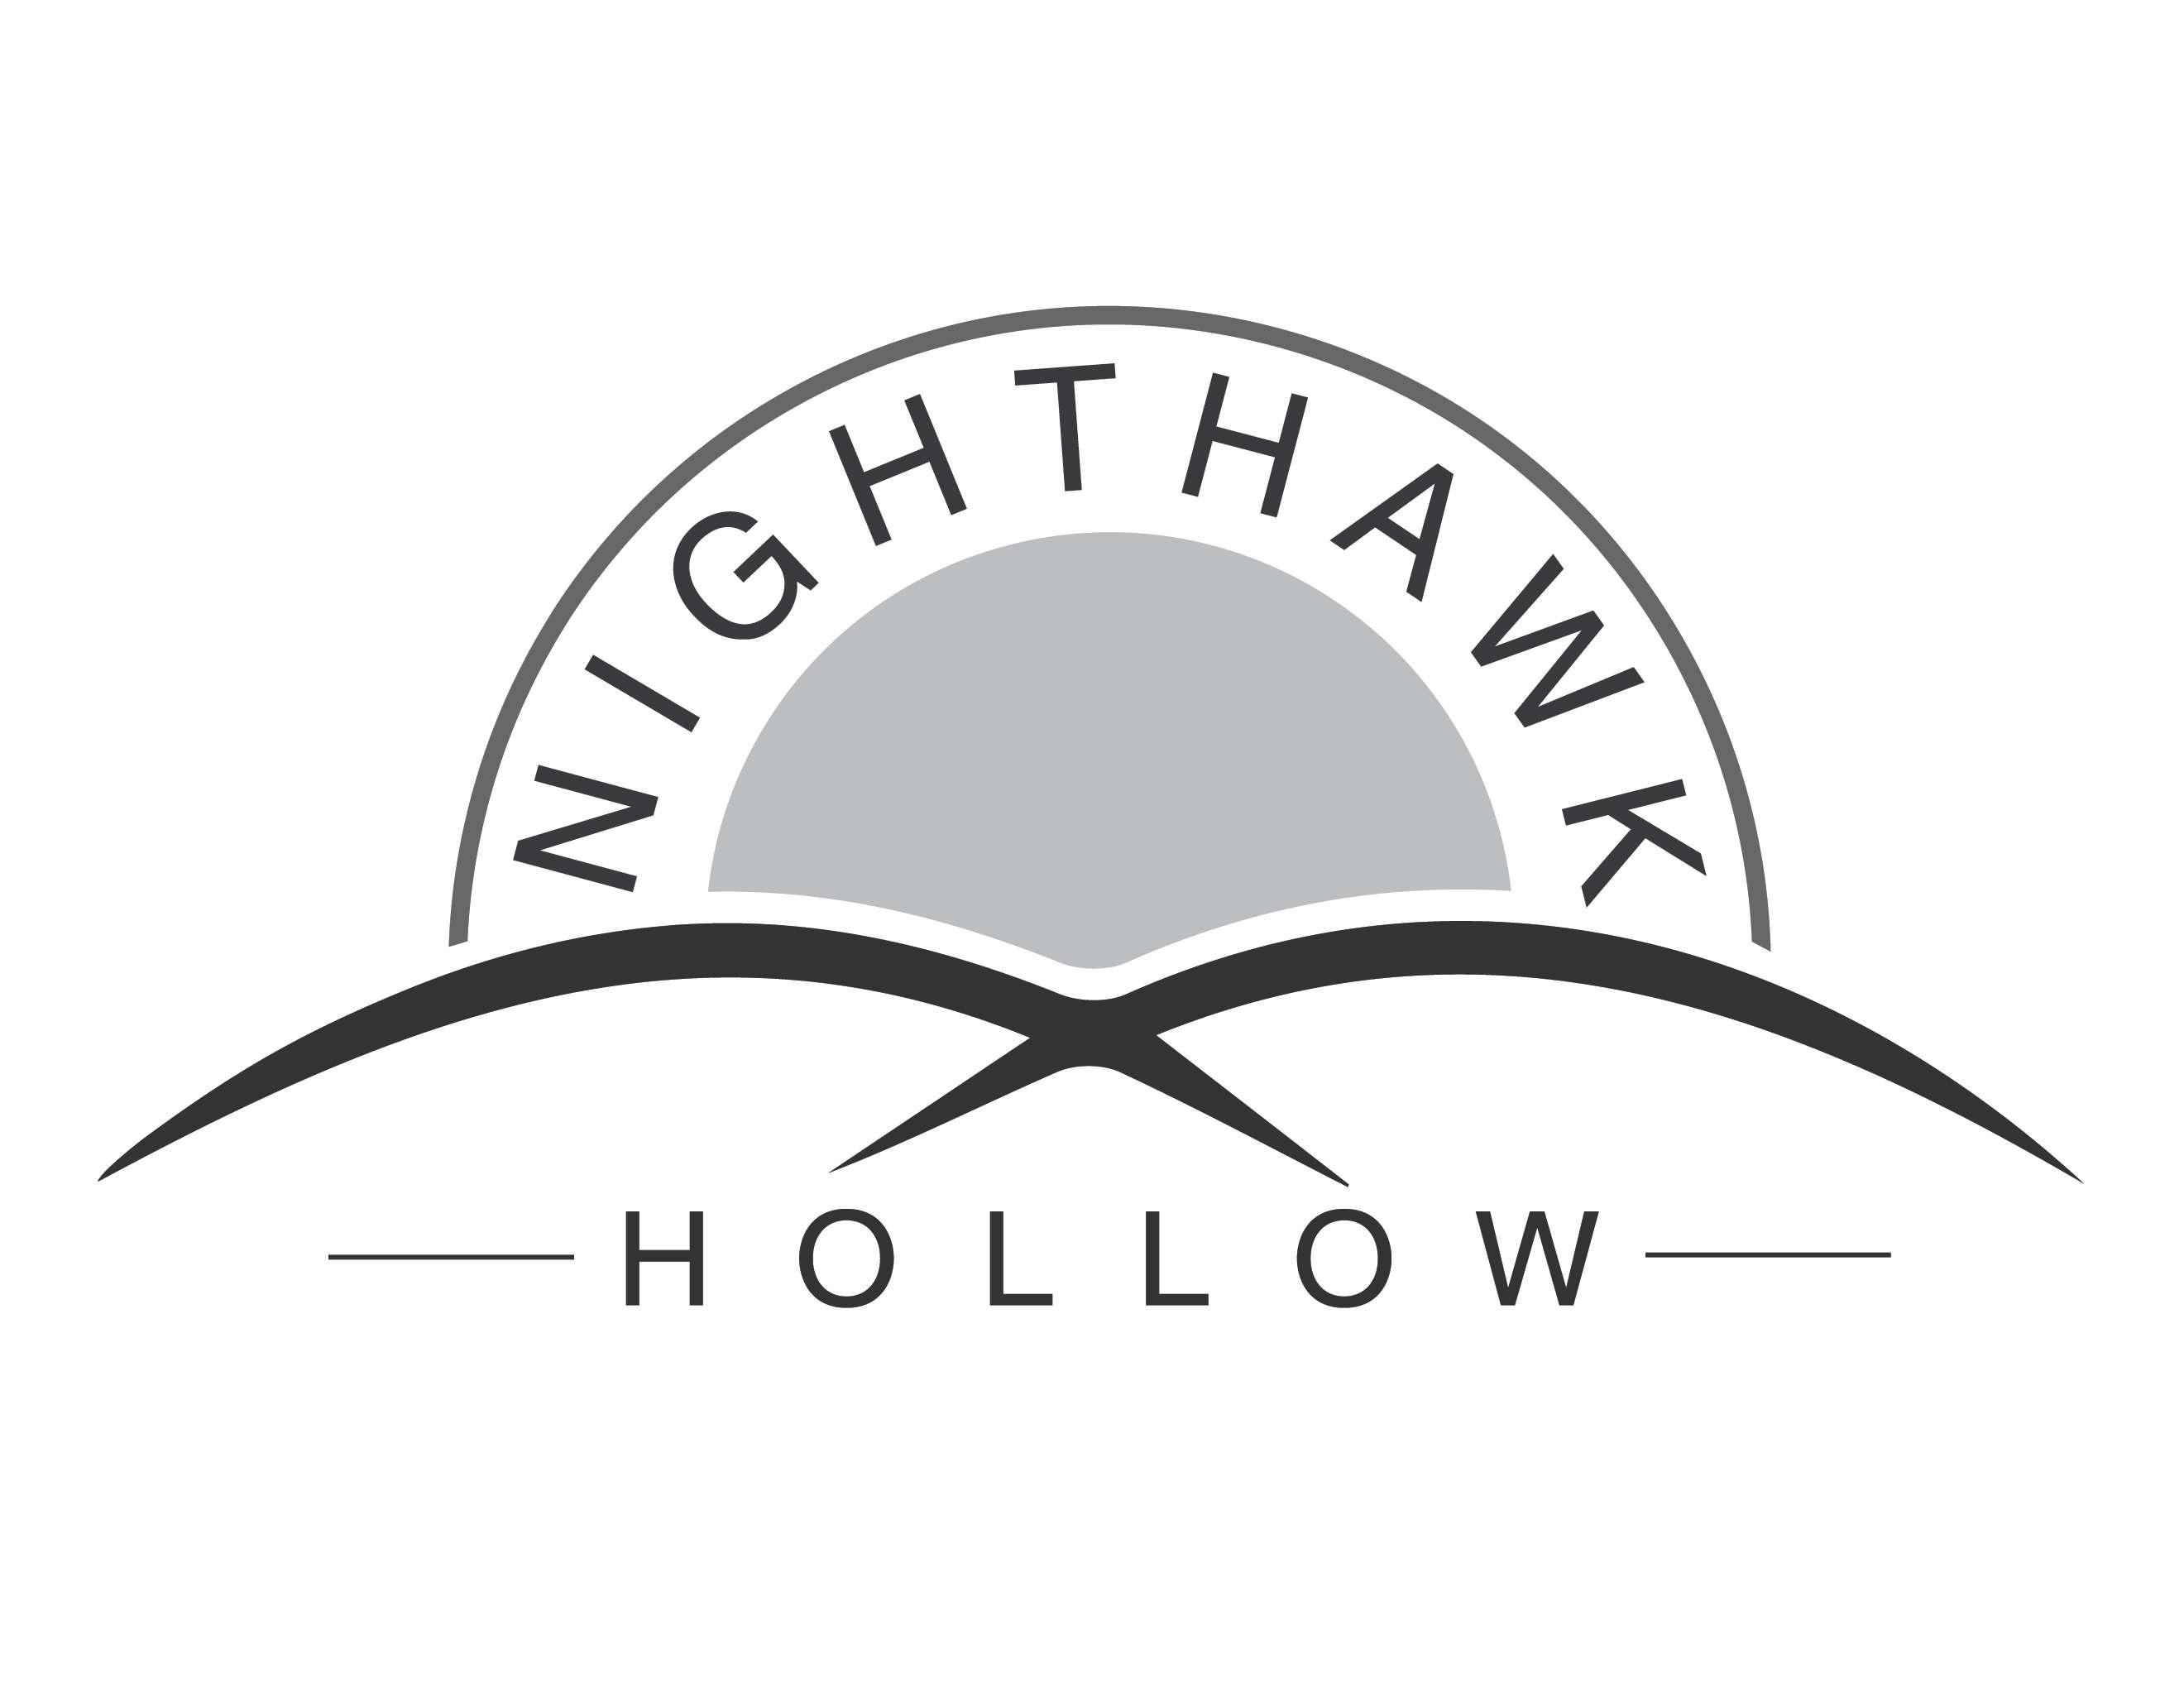 nighthawk__hollow_Logo